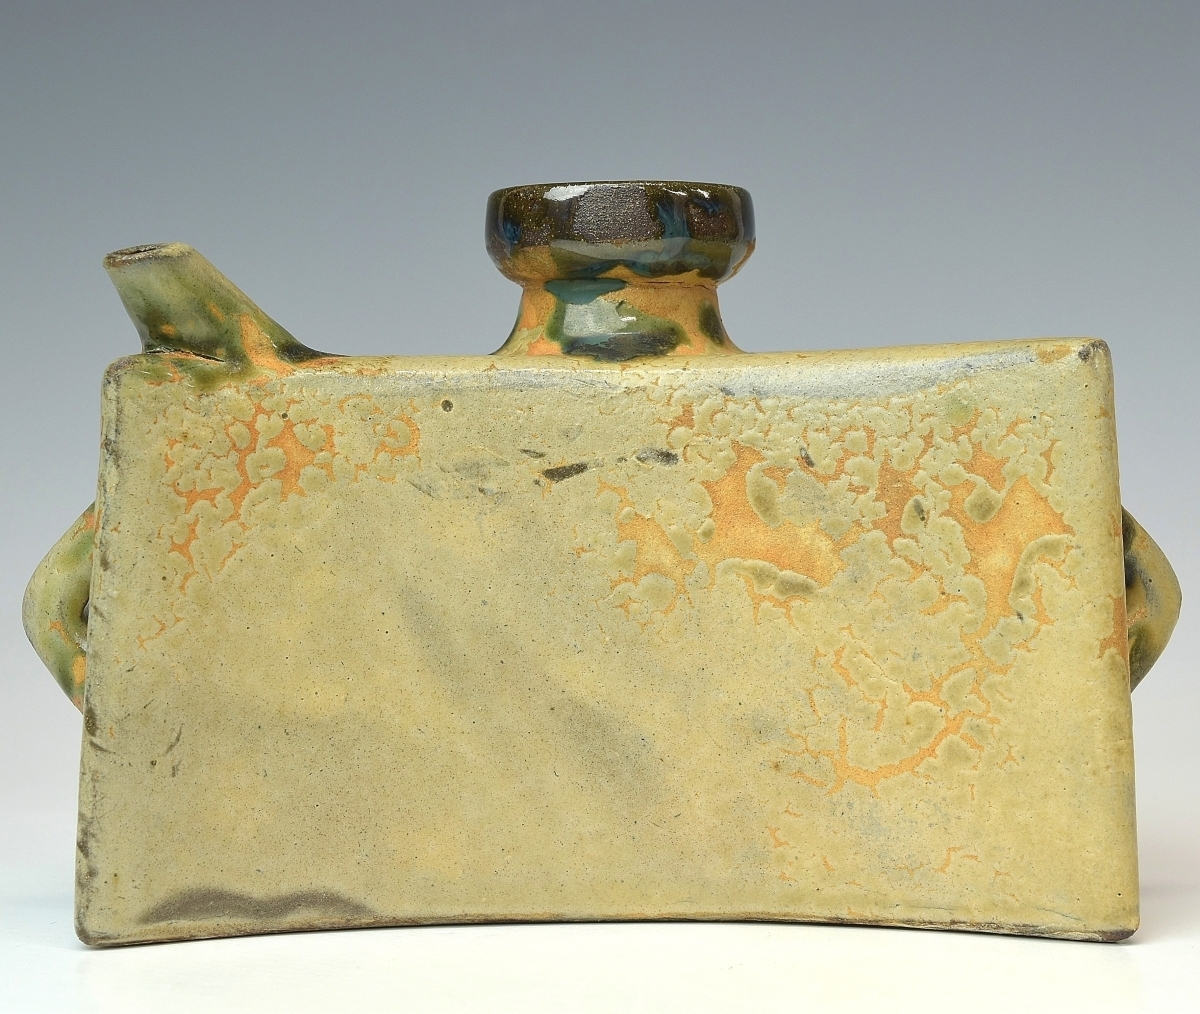 【趣楽】 人間国宝 金城次郎作 魚文抱瓶 酒器 本物保証 V1351_画像4